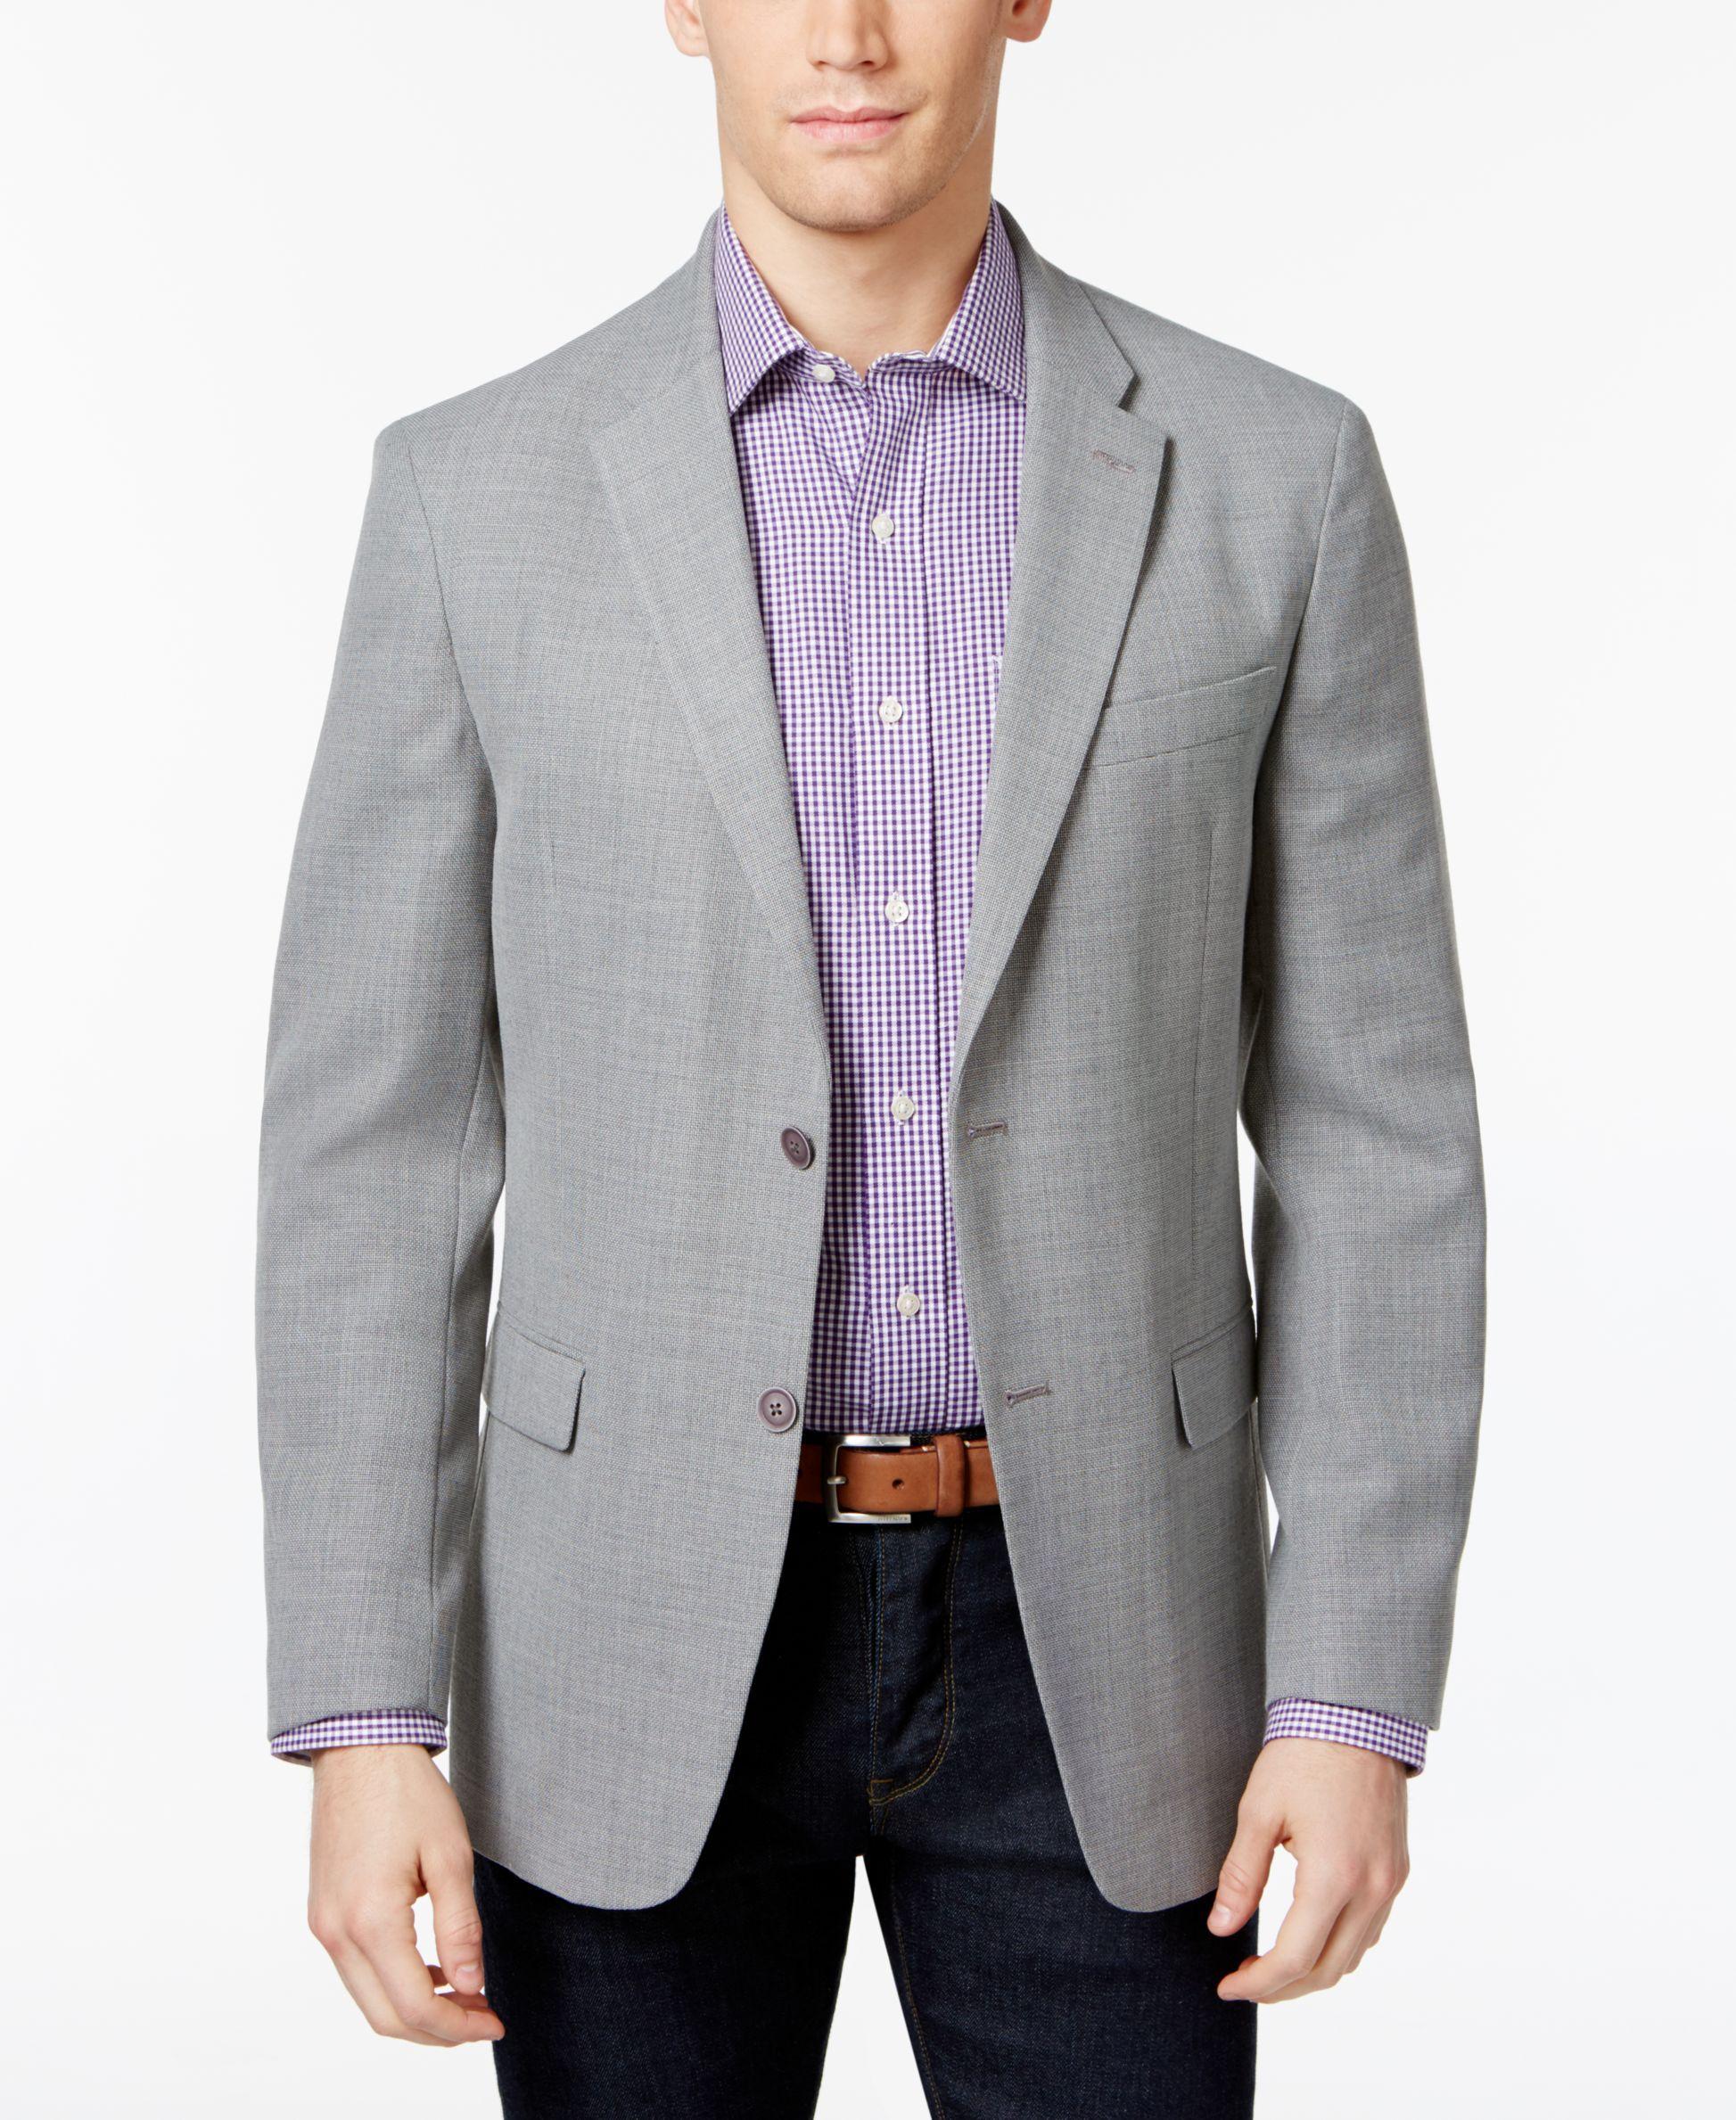 Tommy Hilfiger Men's Slim Fit Soft Textured Sport Coat